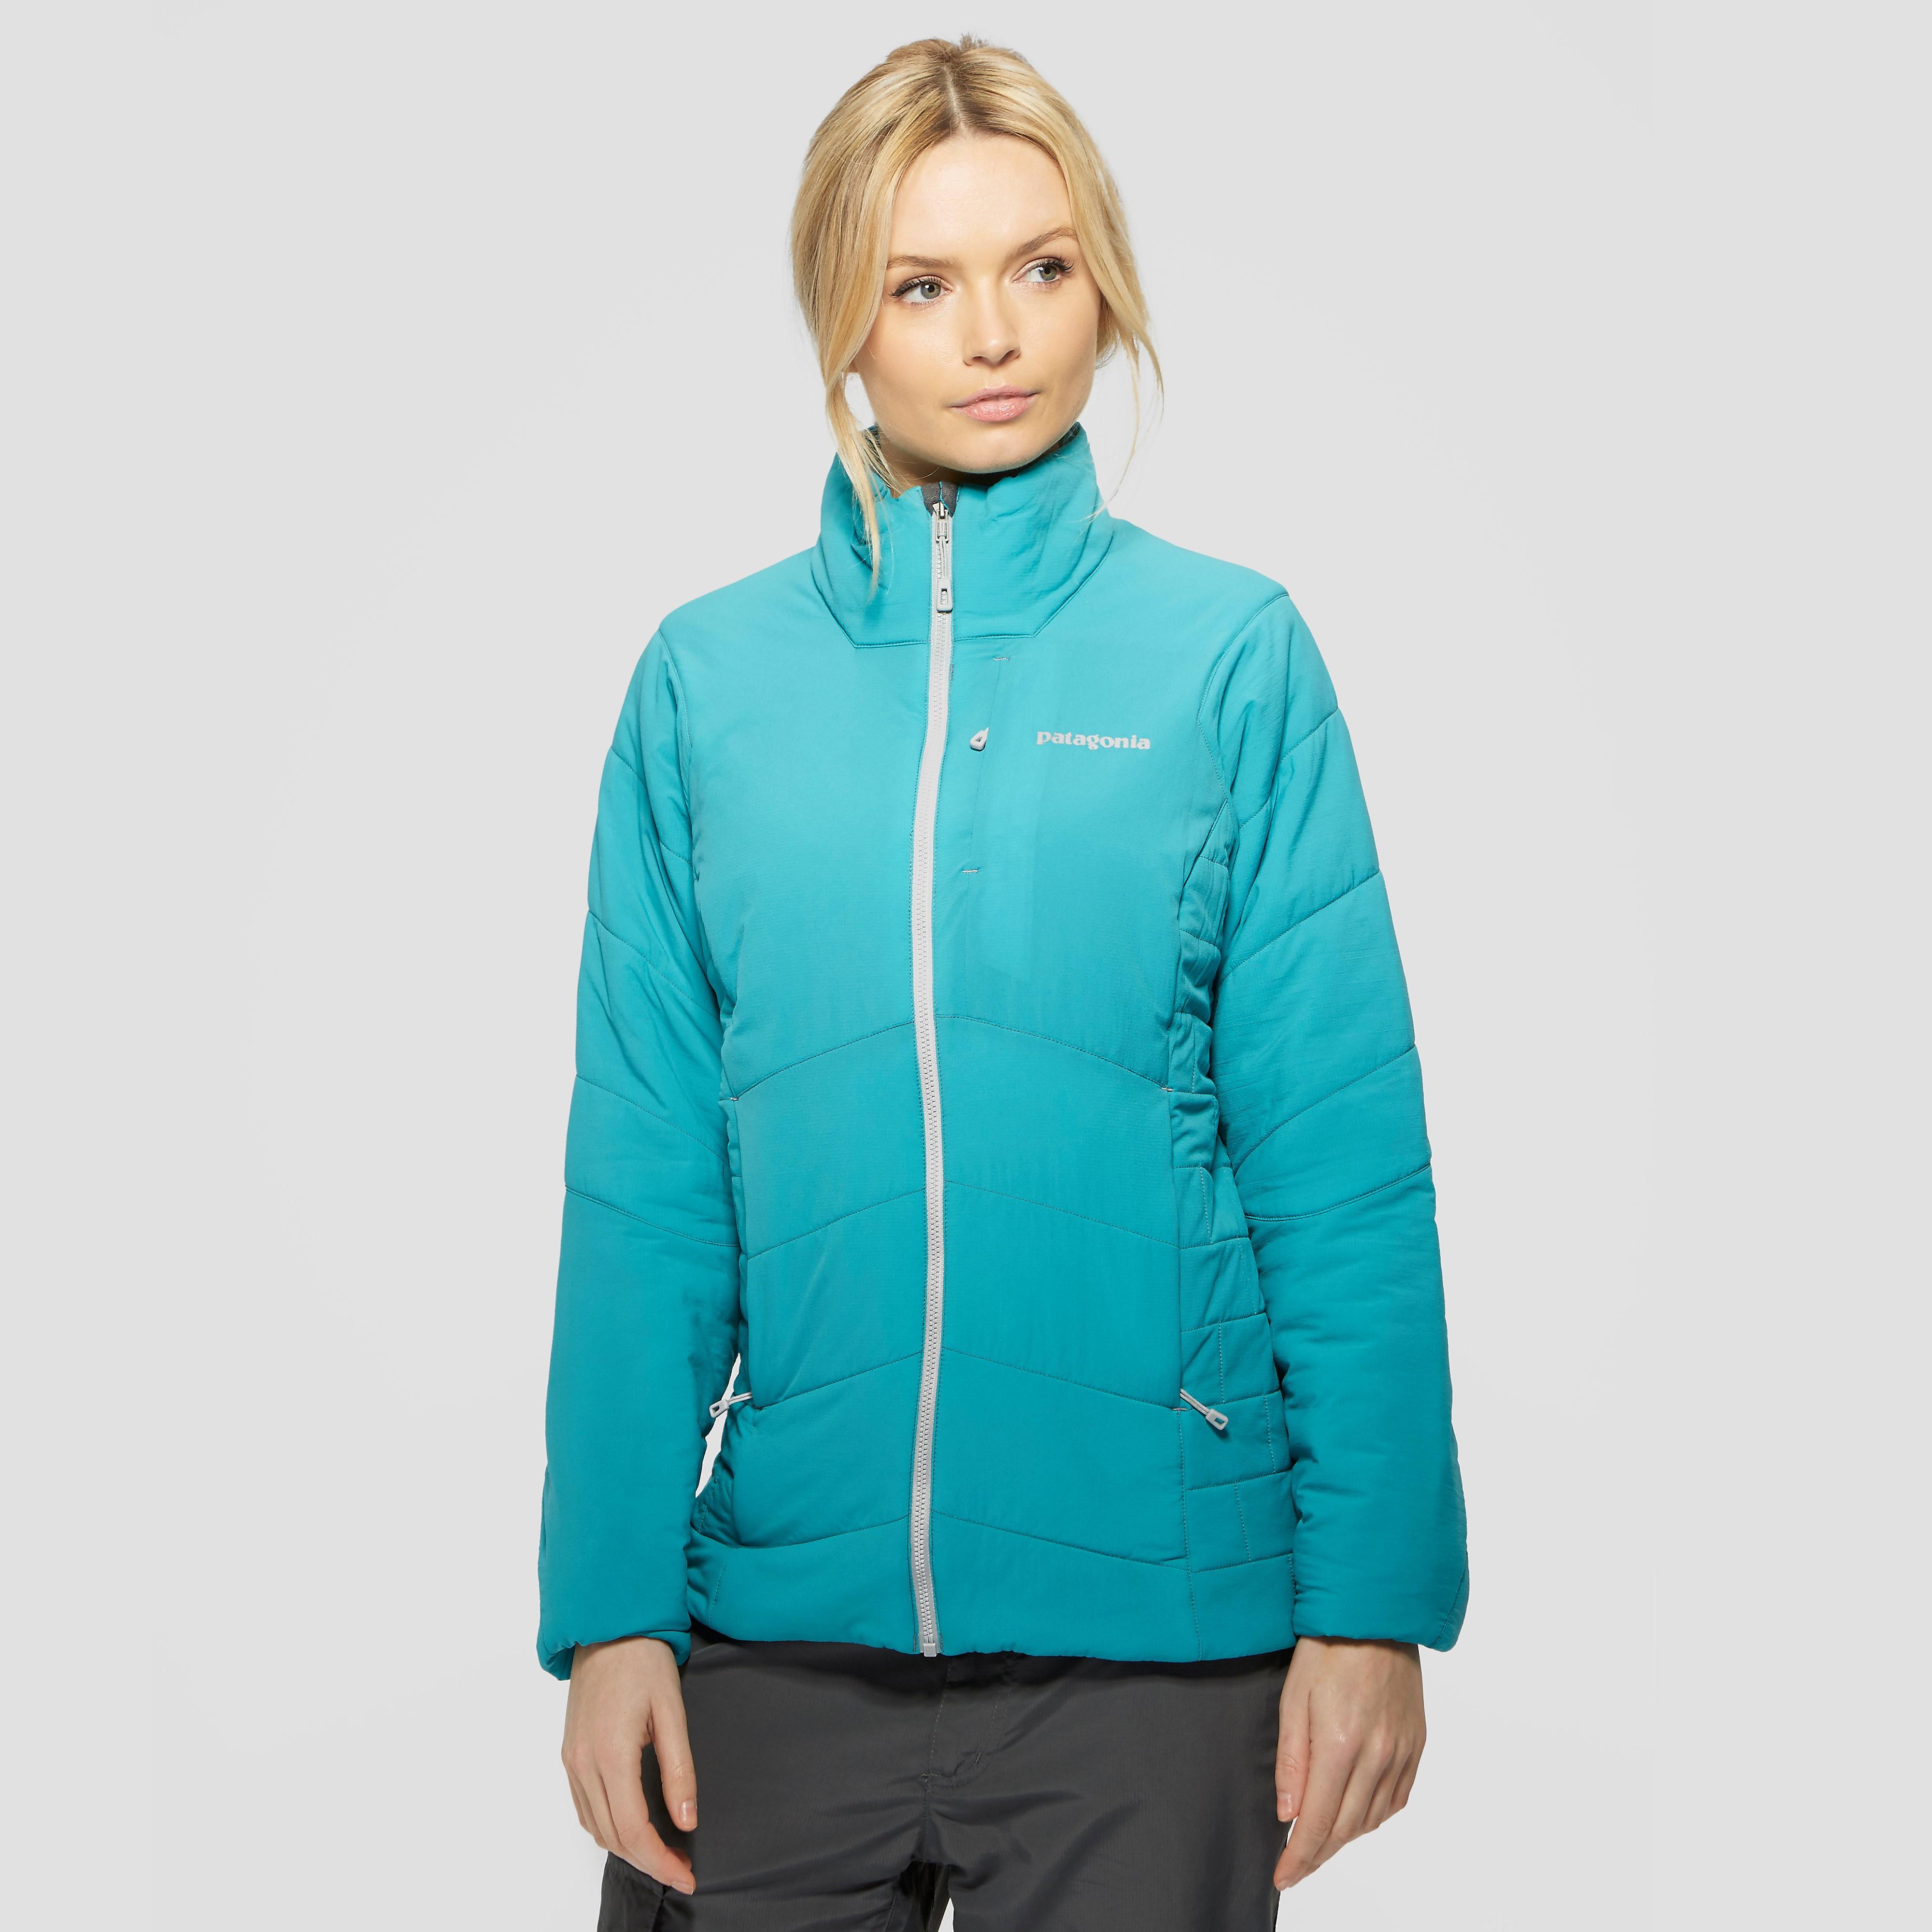 Patagonia Women's Nanoair Jacket